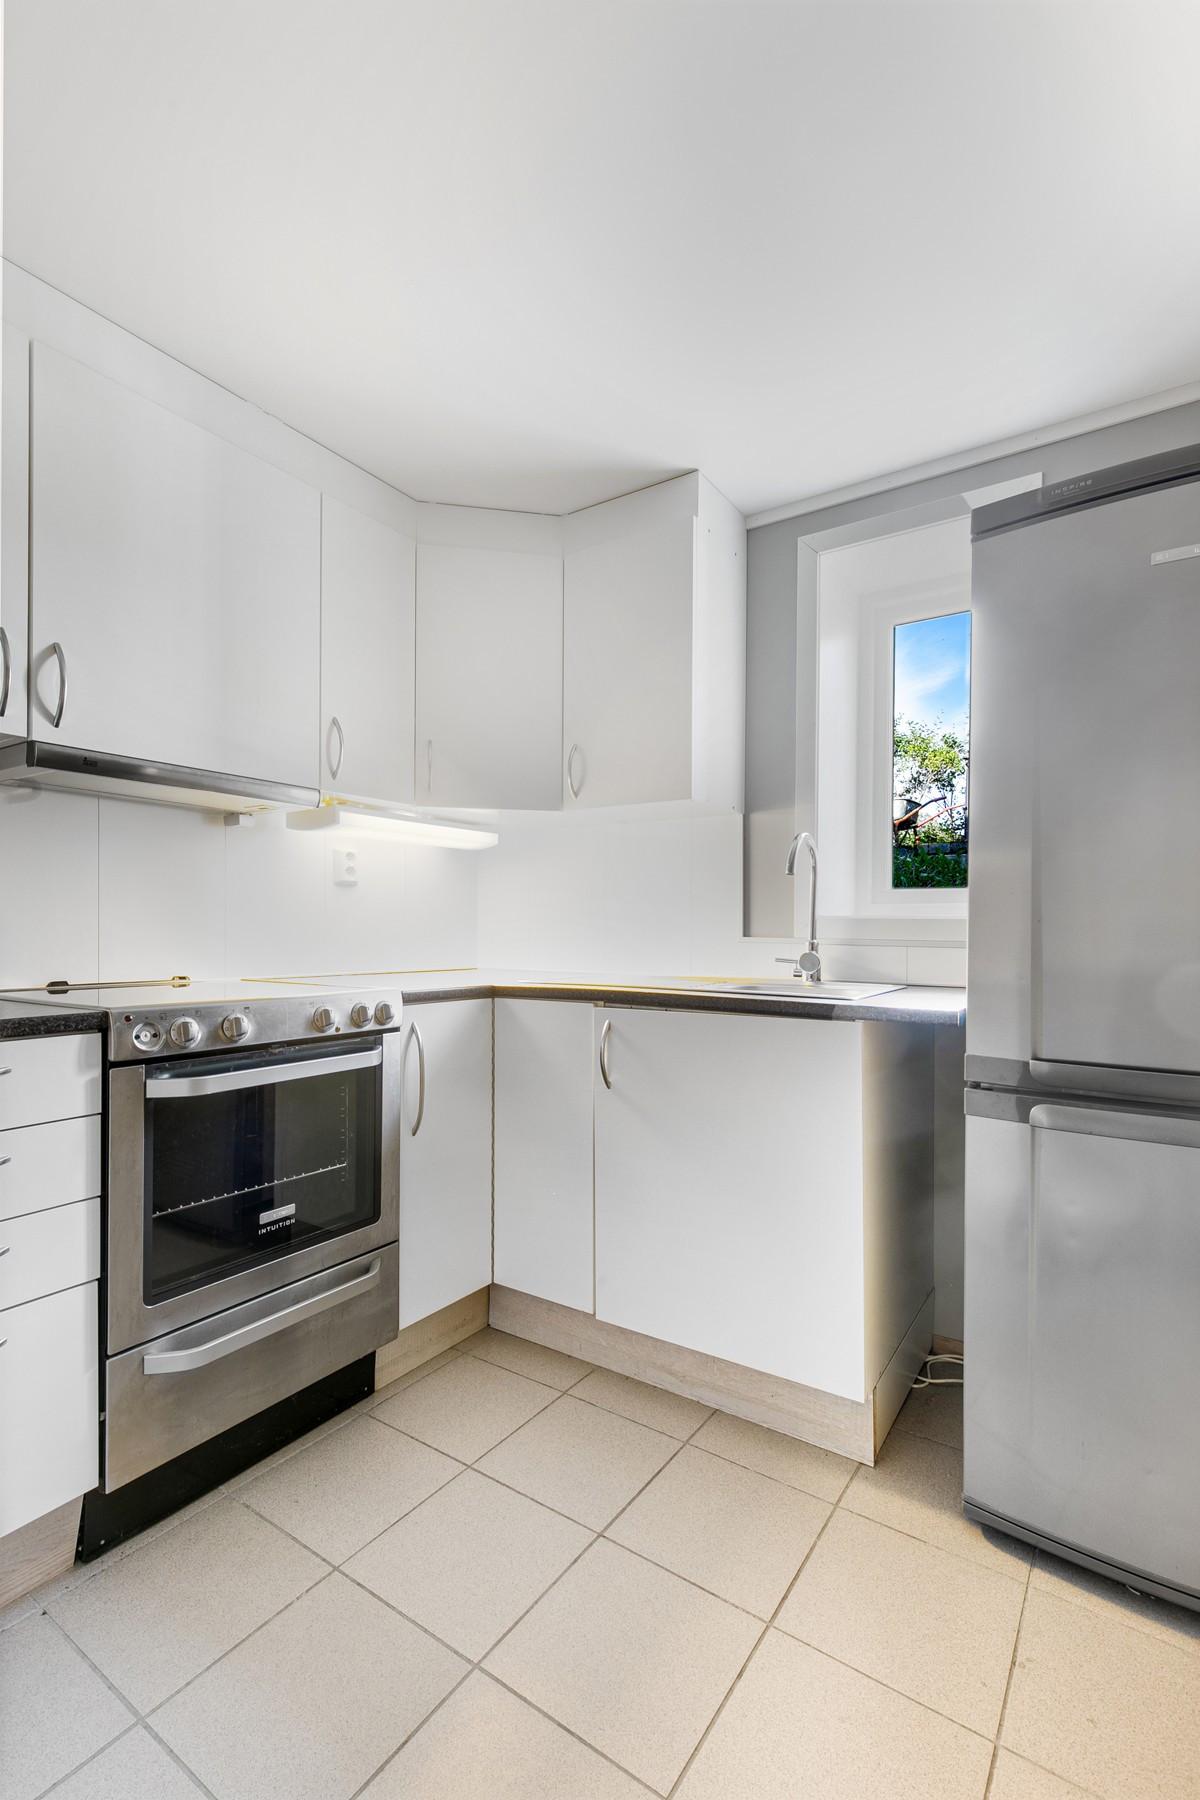 Kjøkken med gode oppbevaringsmuligheter i over- og underskap